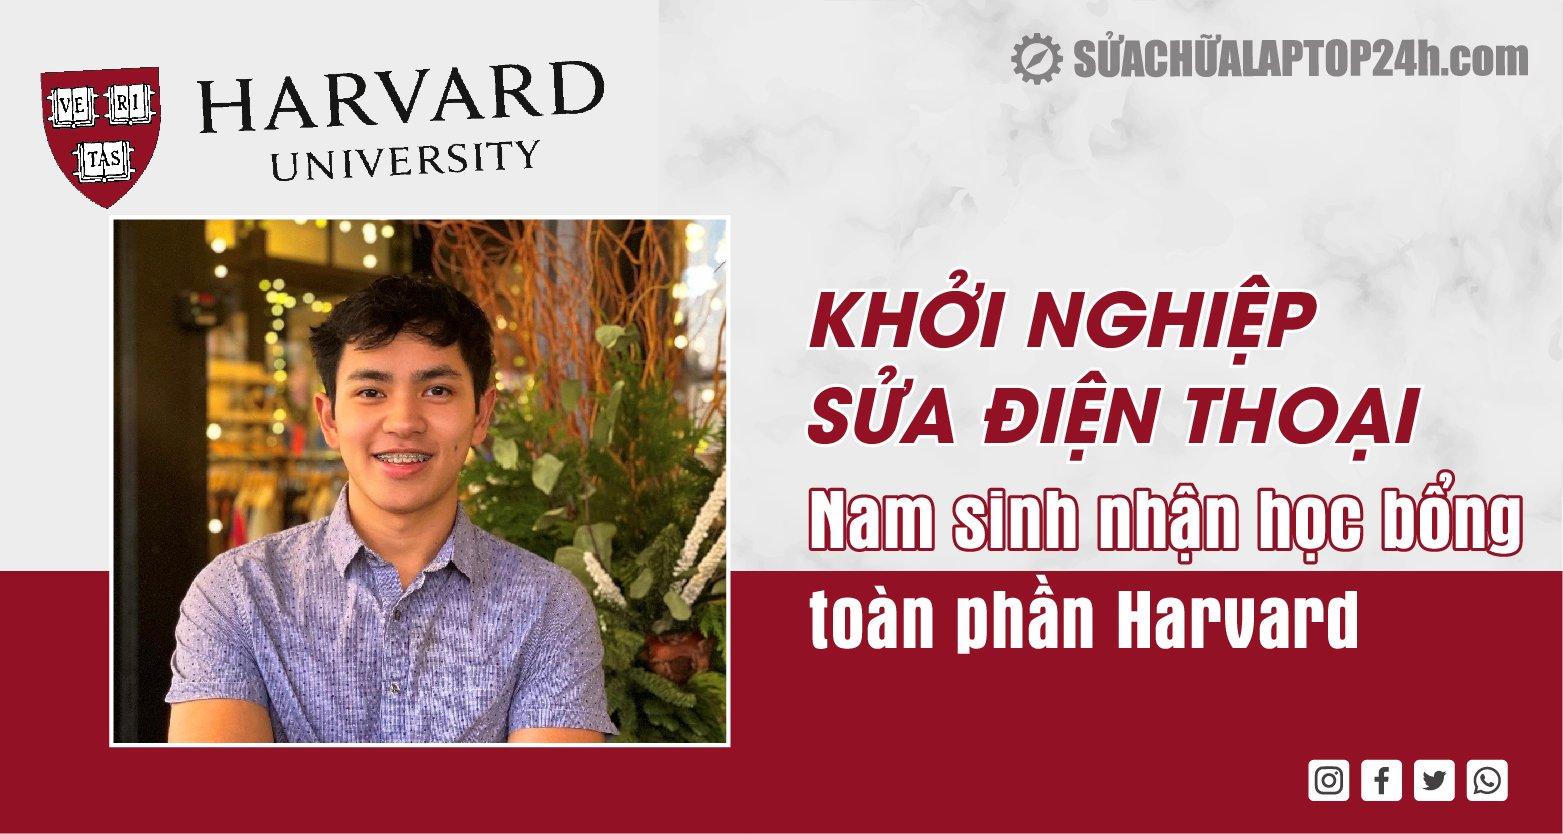 Cậu bé sửa điện thoại nhận học bổng toàn phần Harvard